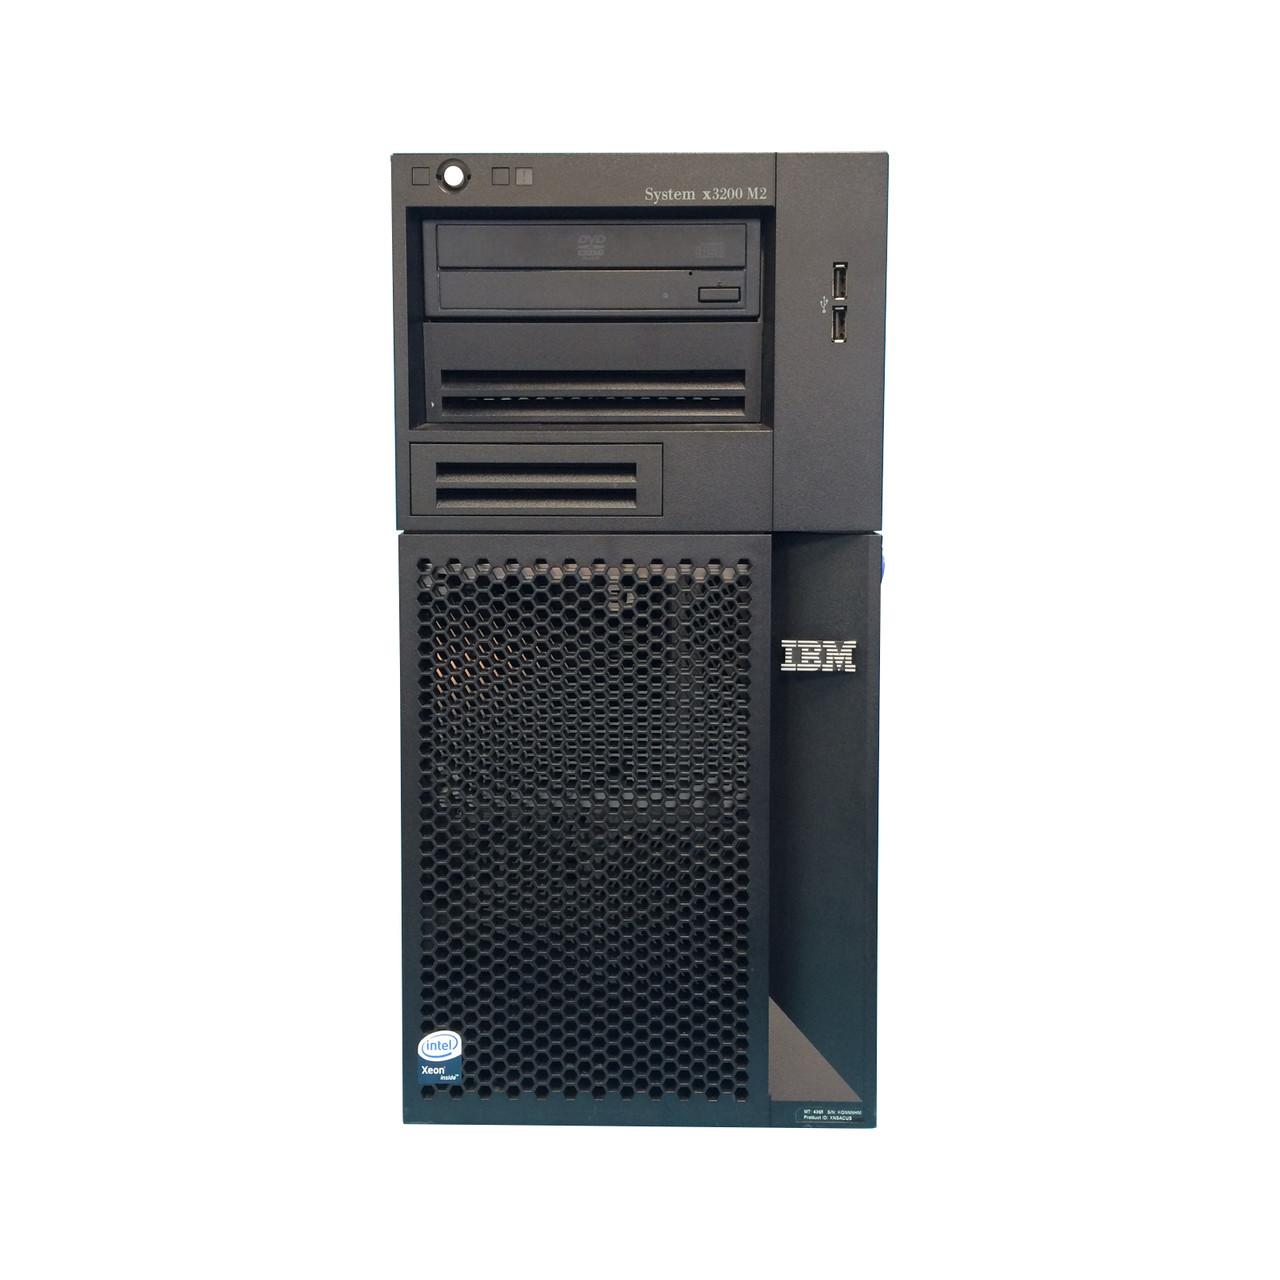 X3200_M2_G__50215.1547098761.1280.1280.j